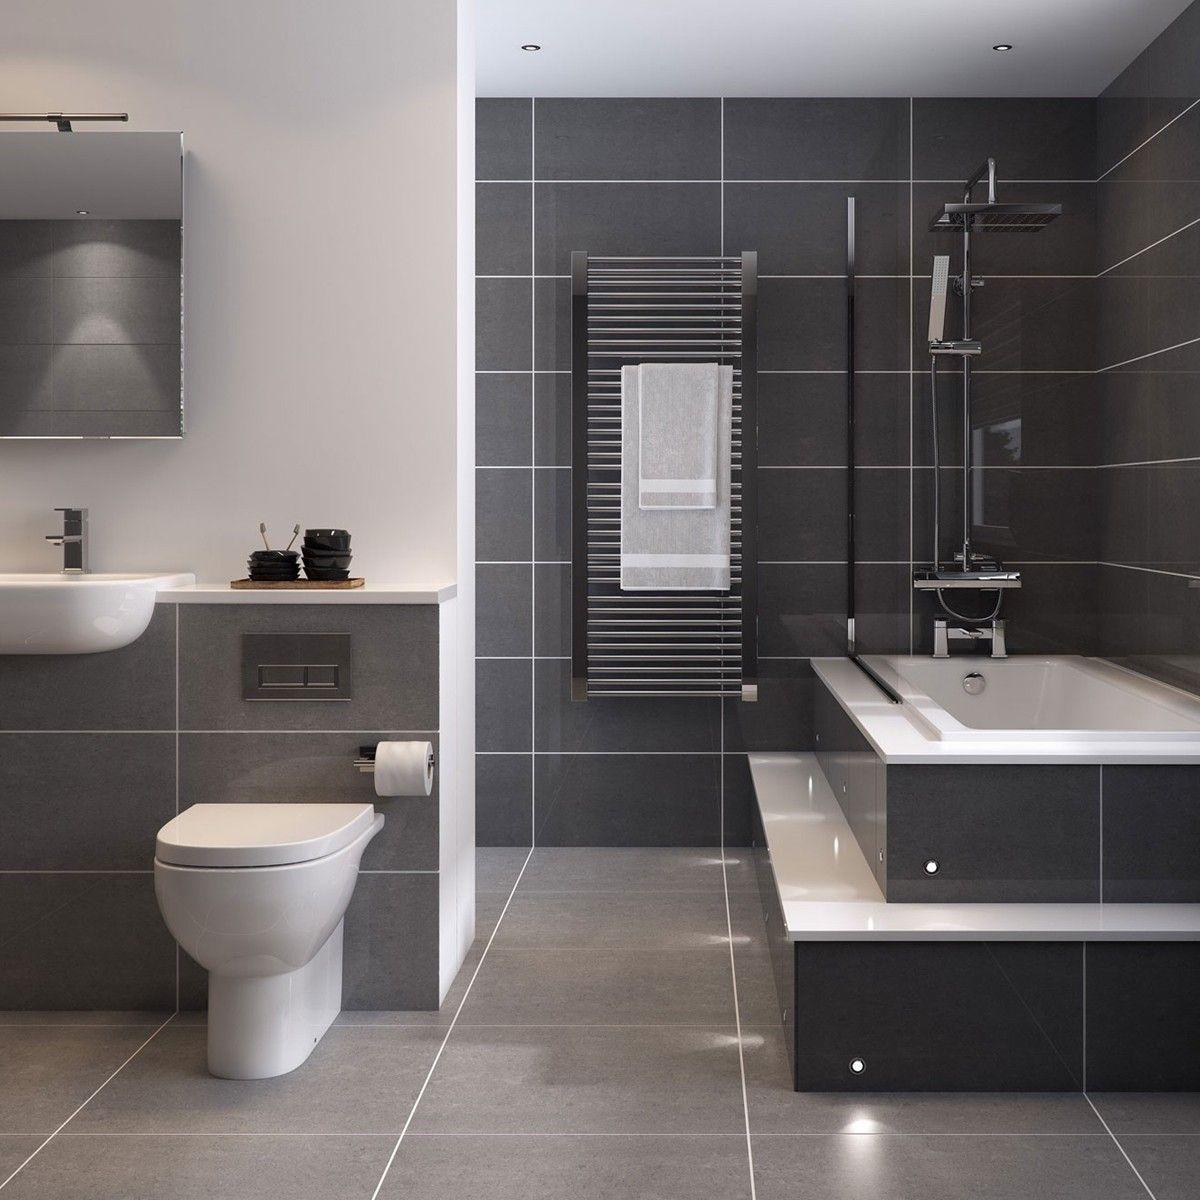 60x30cm Super Polished Dark Grey Porcelain Tiles | Dark ...